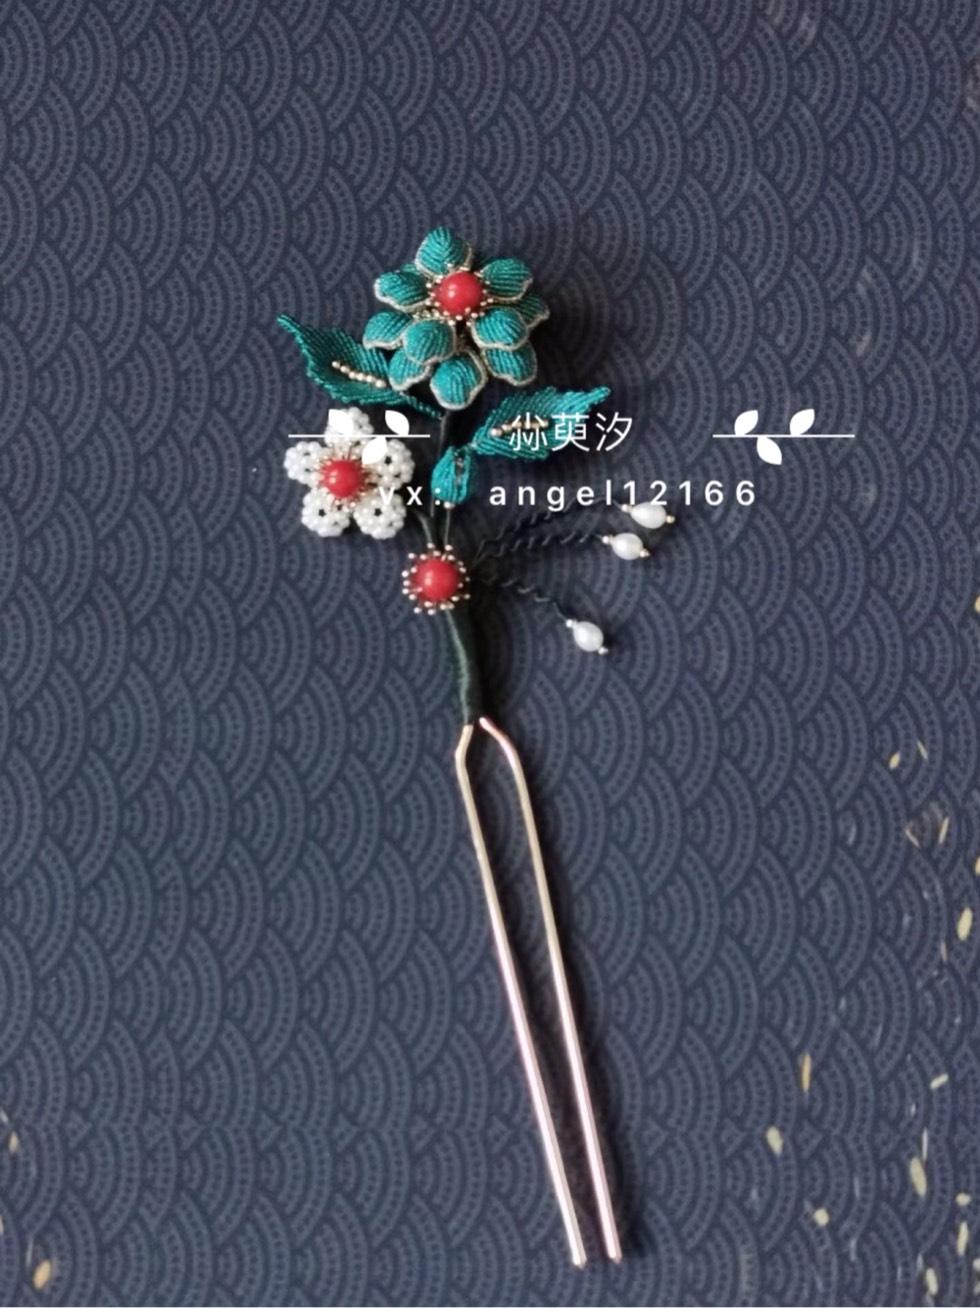 中国结论坛 仿点翠花簪系列 系列,翠花,点翠 作品展示 163824wvvjiizijqrn7xq0